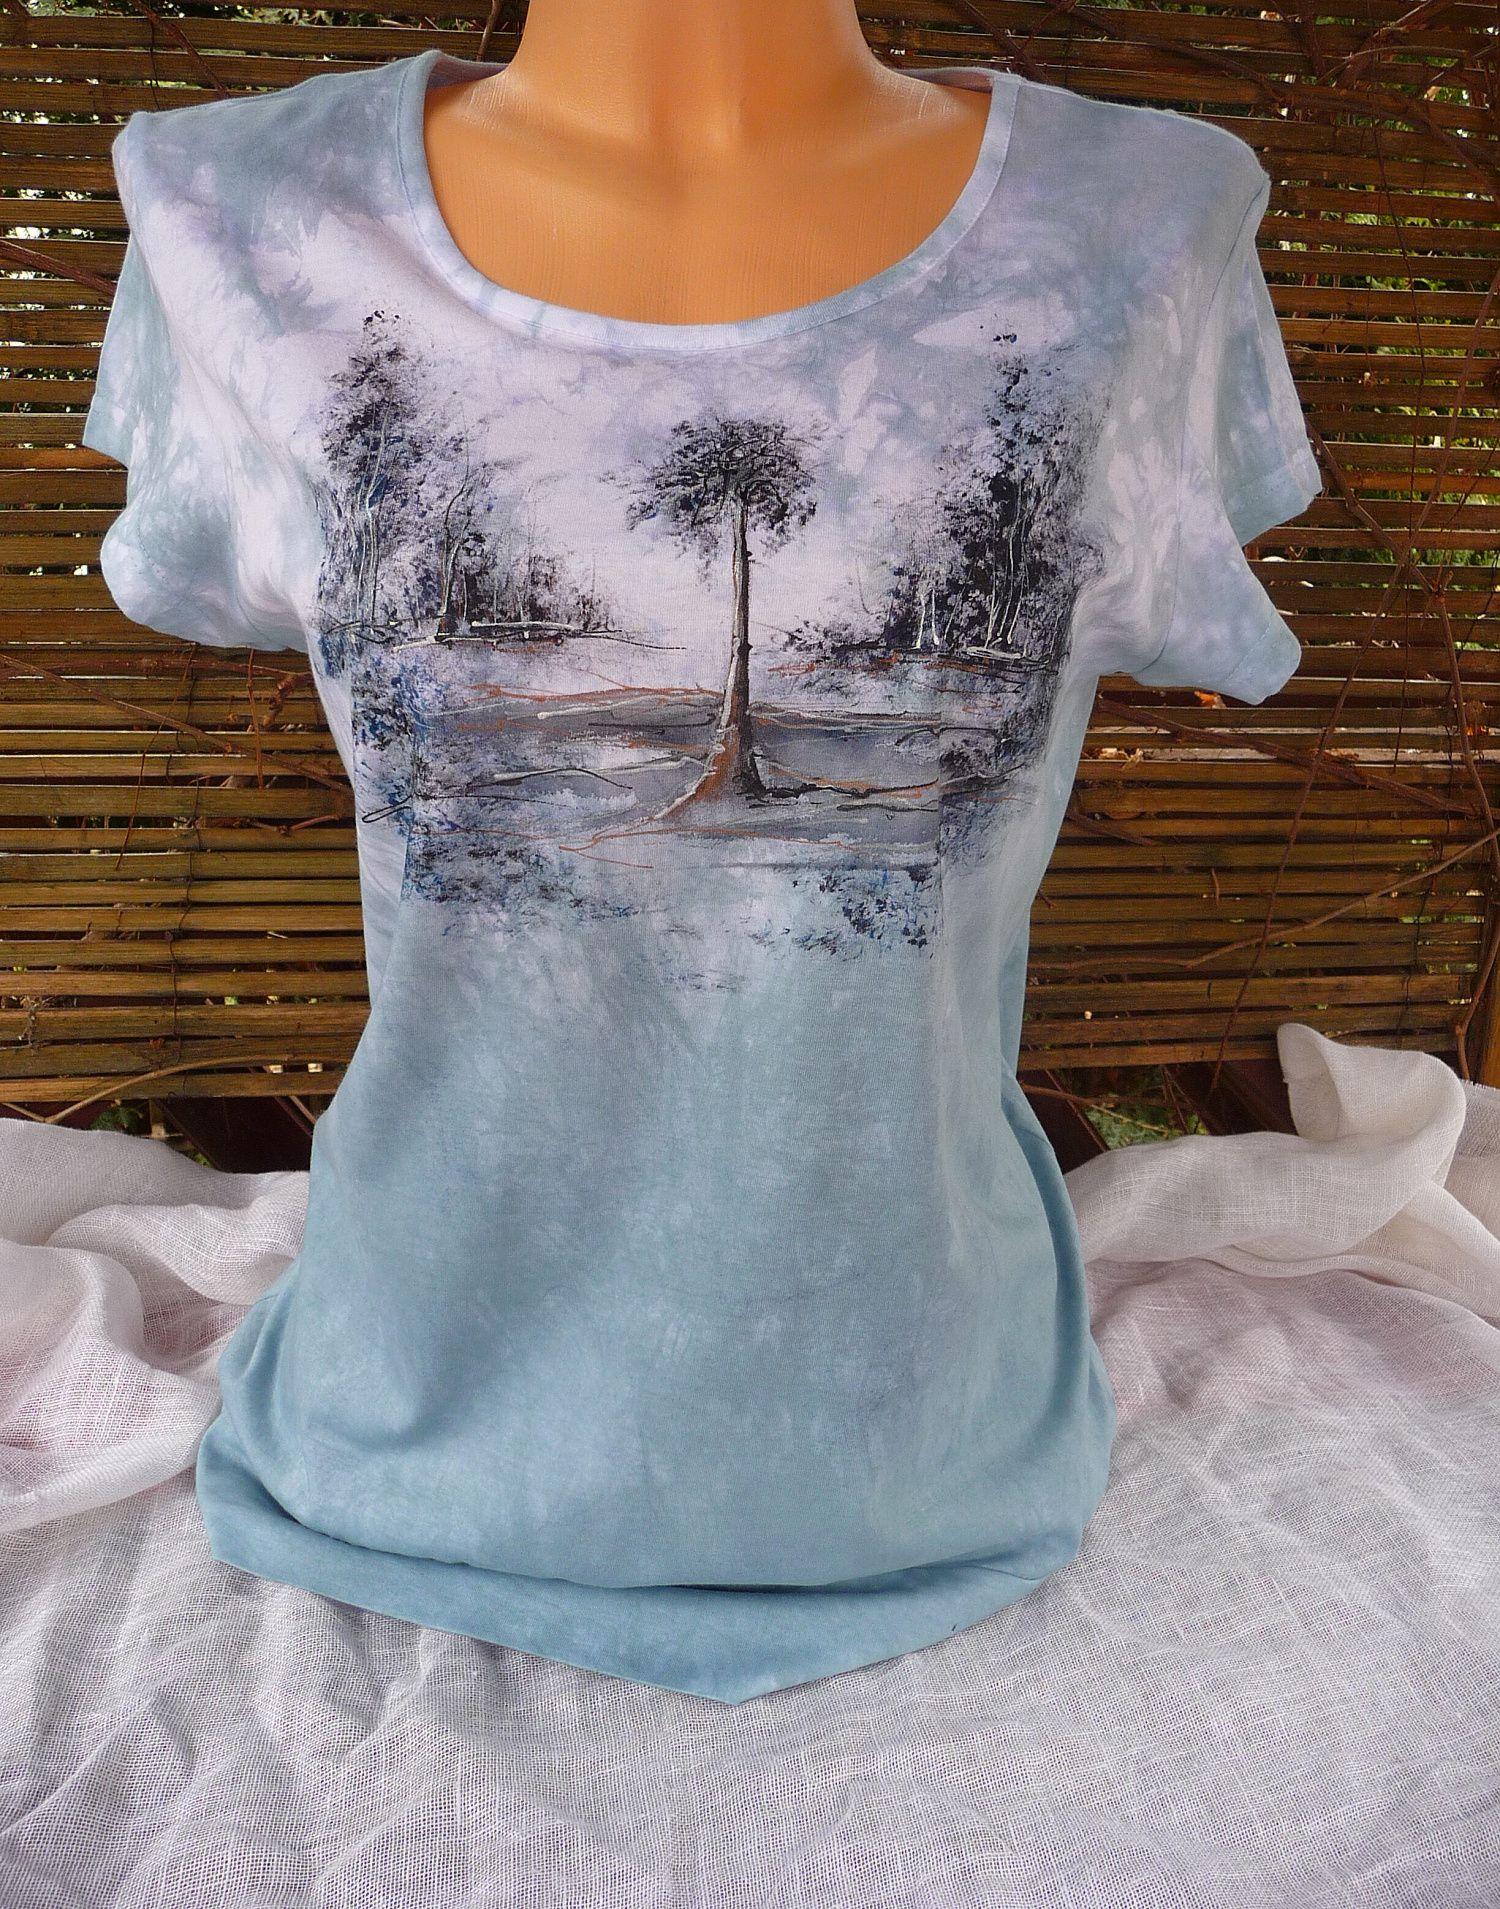 ab21085fe39 dámské triko s malbou krajiny...L Ručně malované a batikované dámské tričko